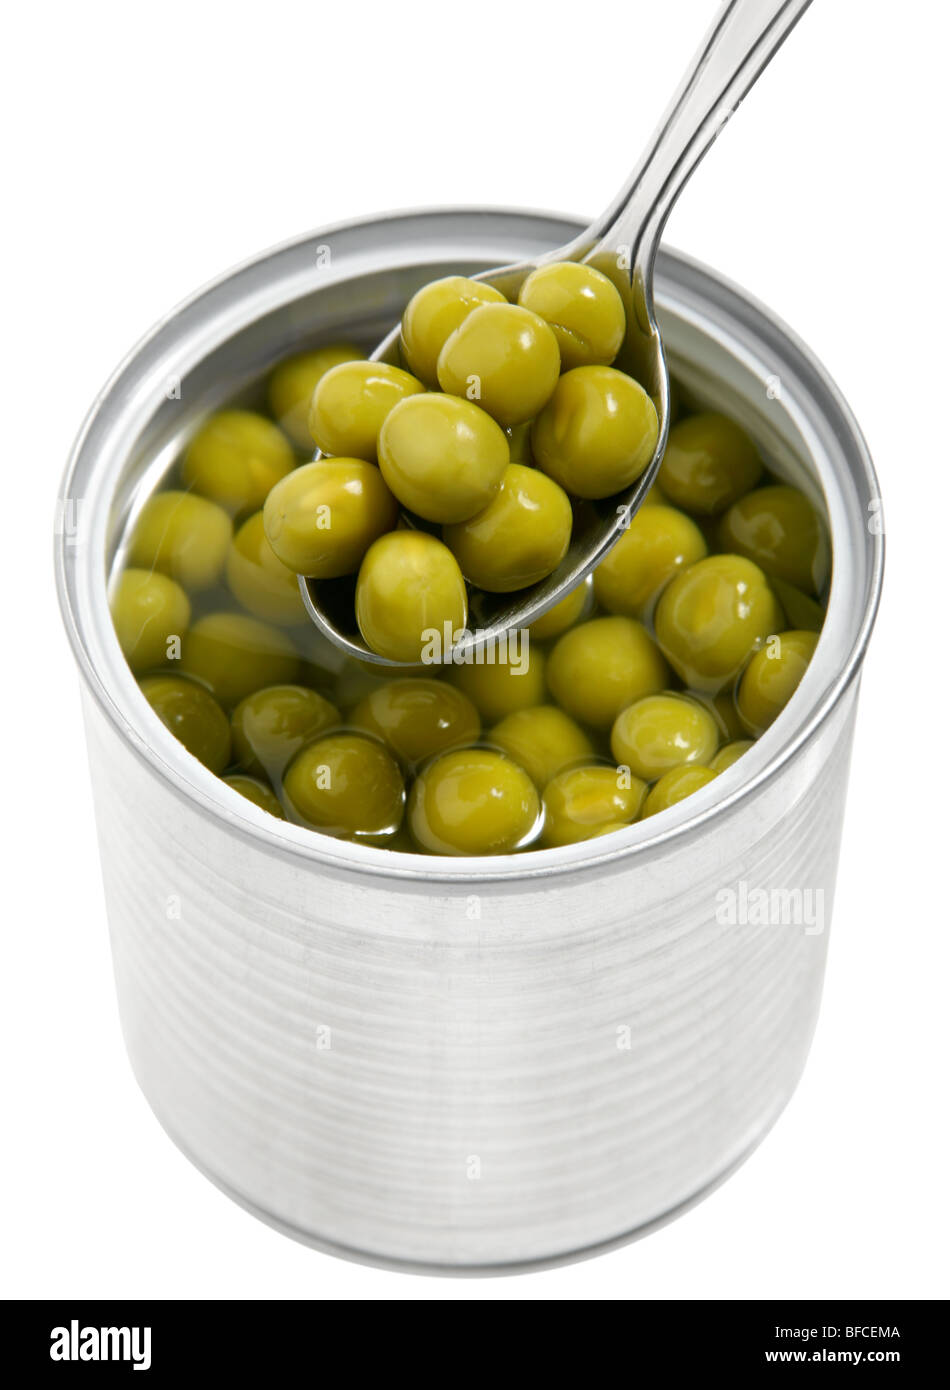 Preserved peas vegetable in metal spoon closeup - Stock Image